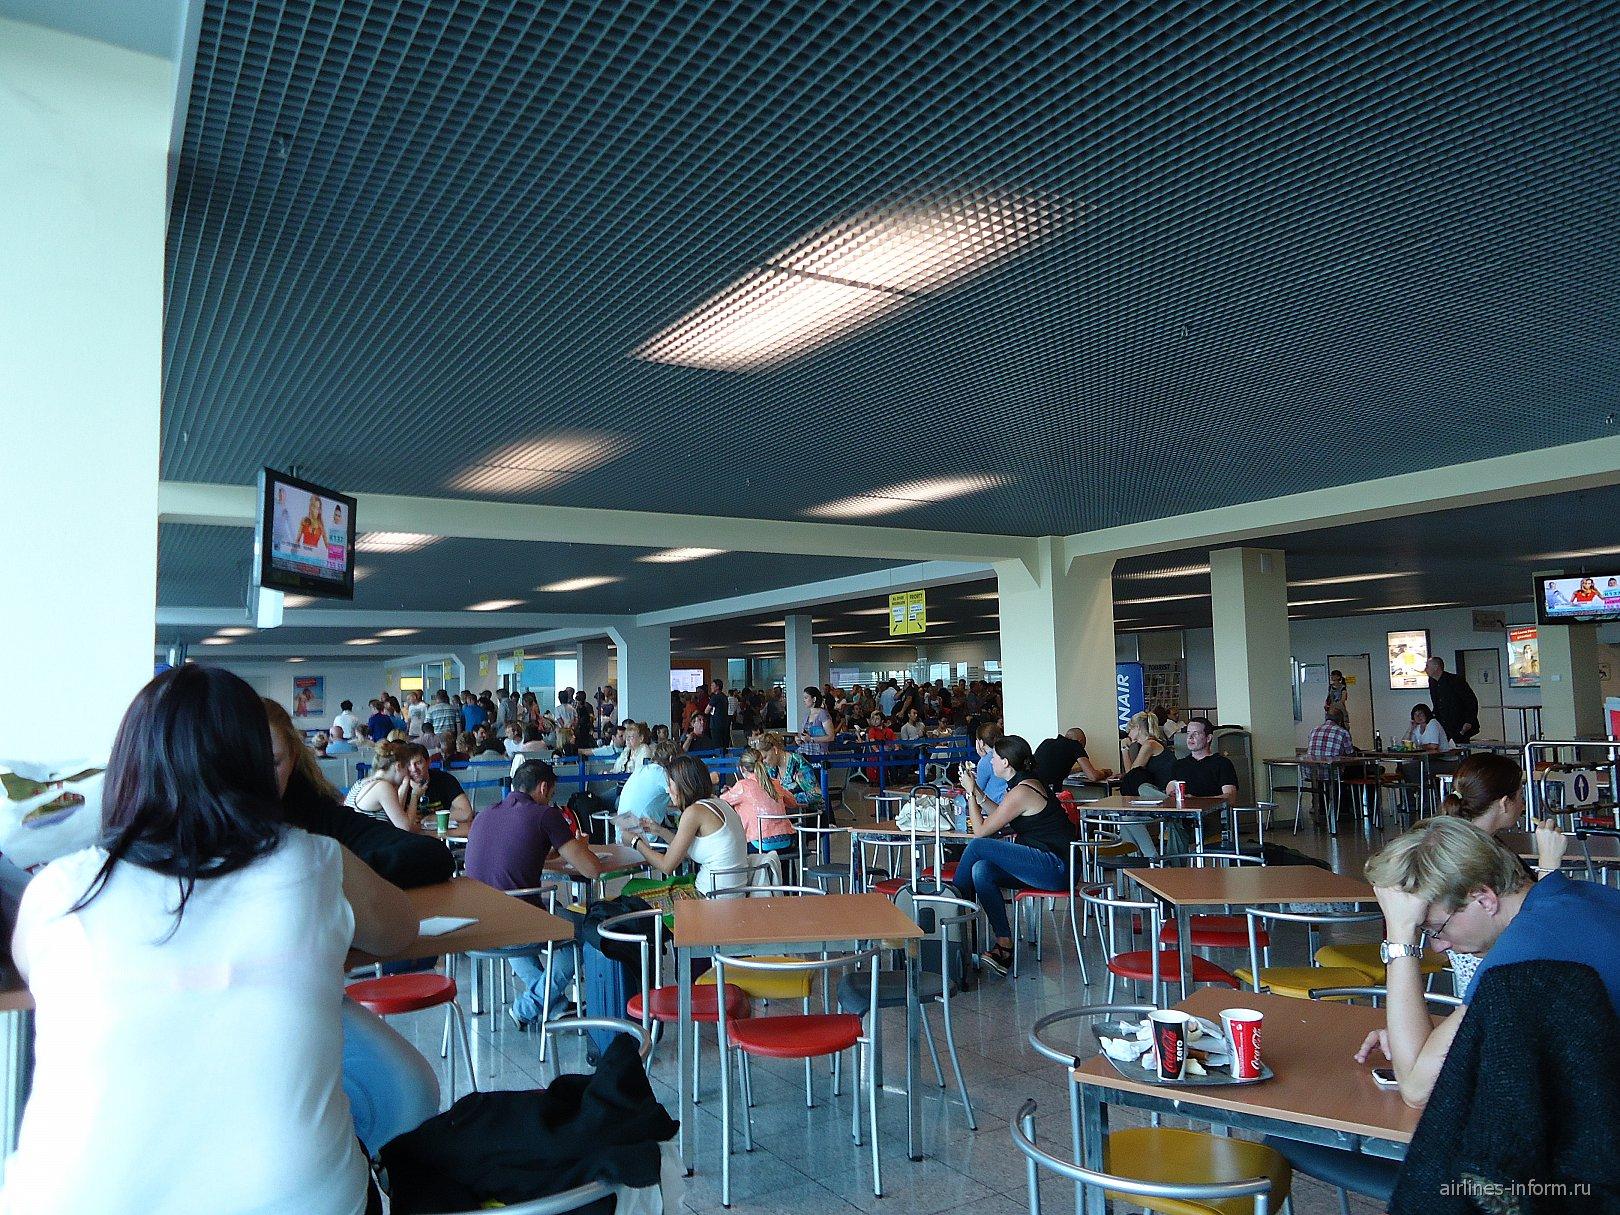 В аэропорту Веезе